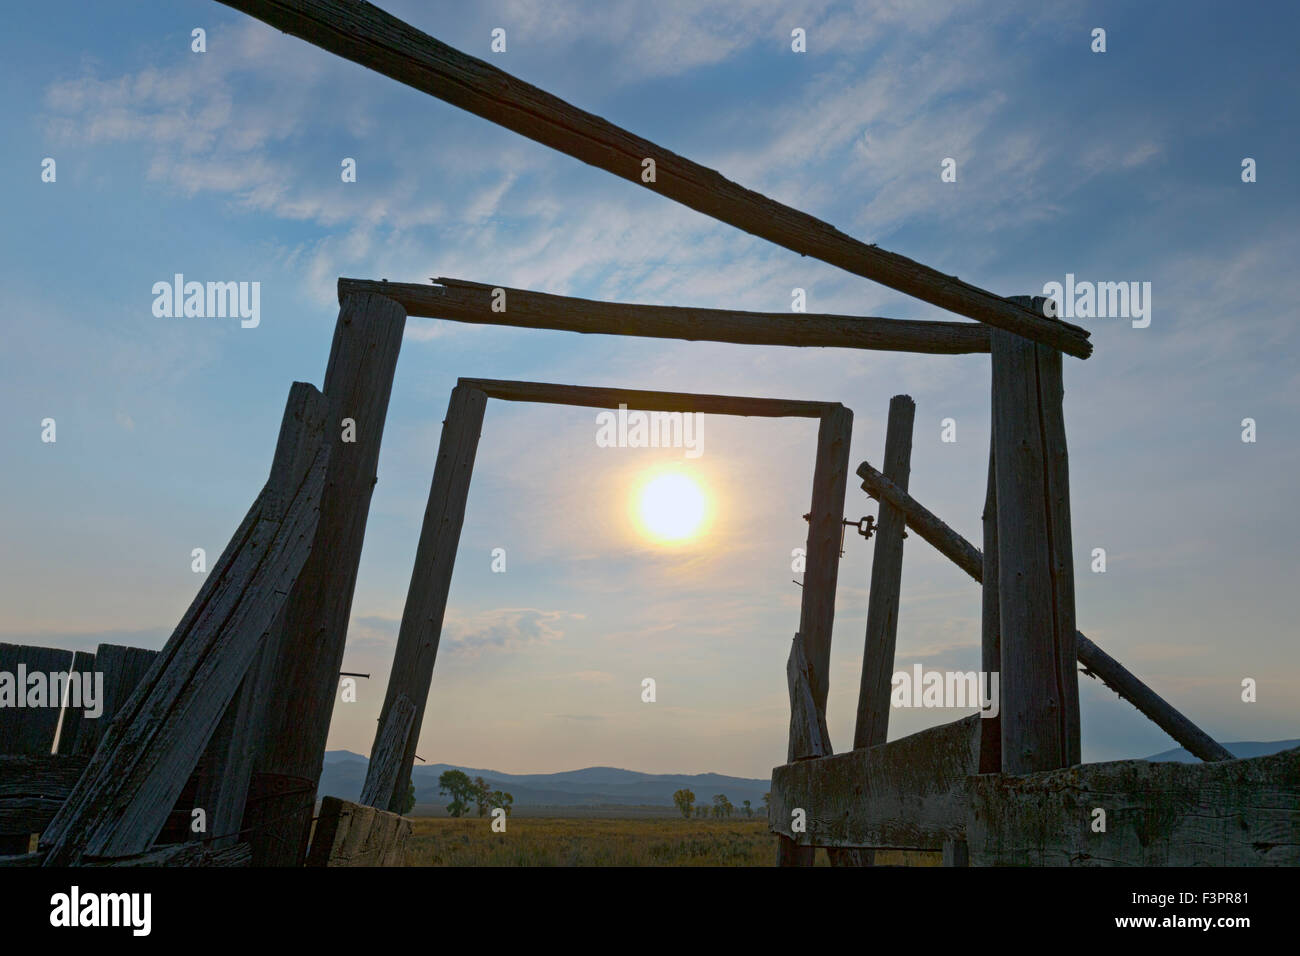 Color Abstract Sun Mountain Icon Stockfotos & Color Abstract Sun ...